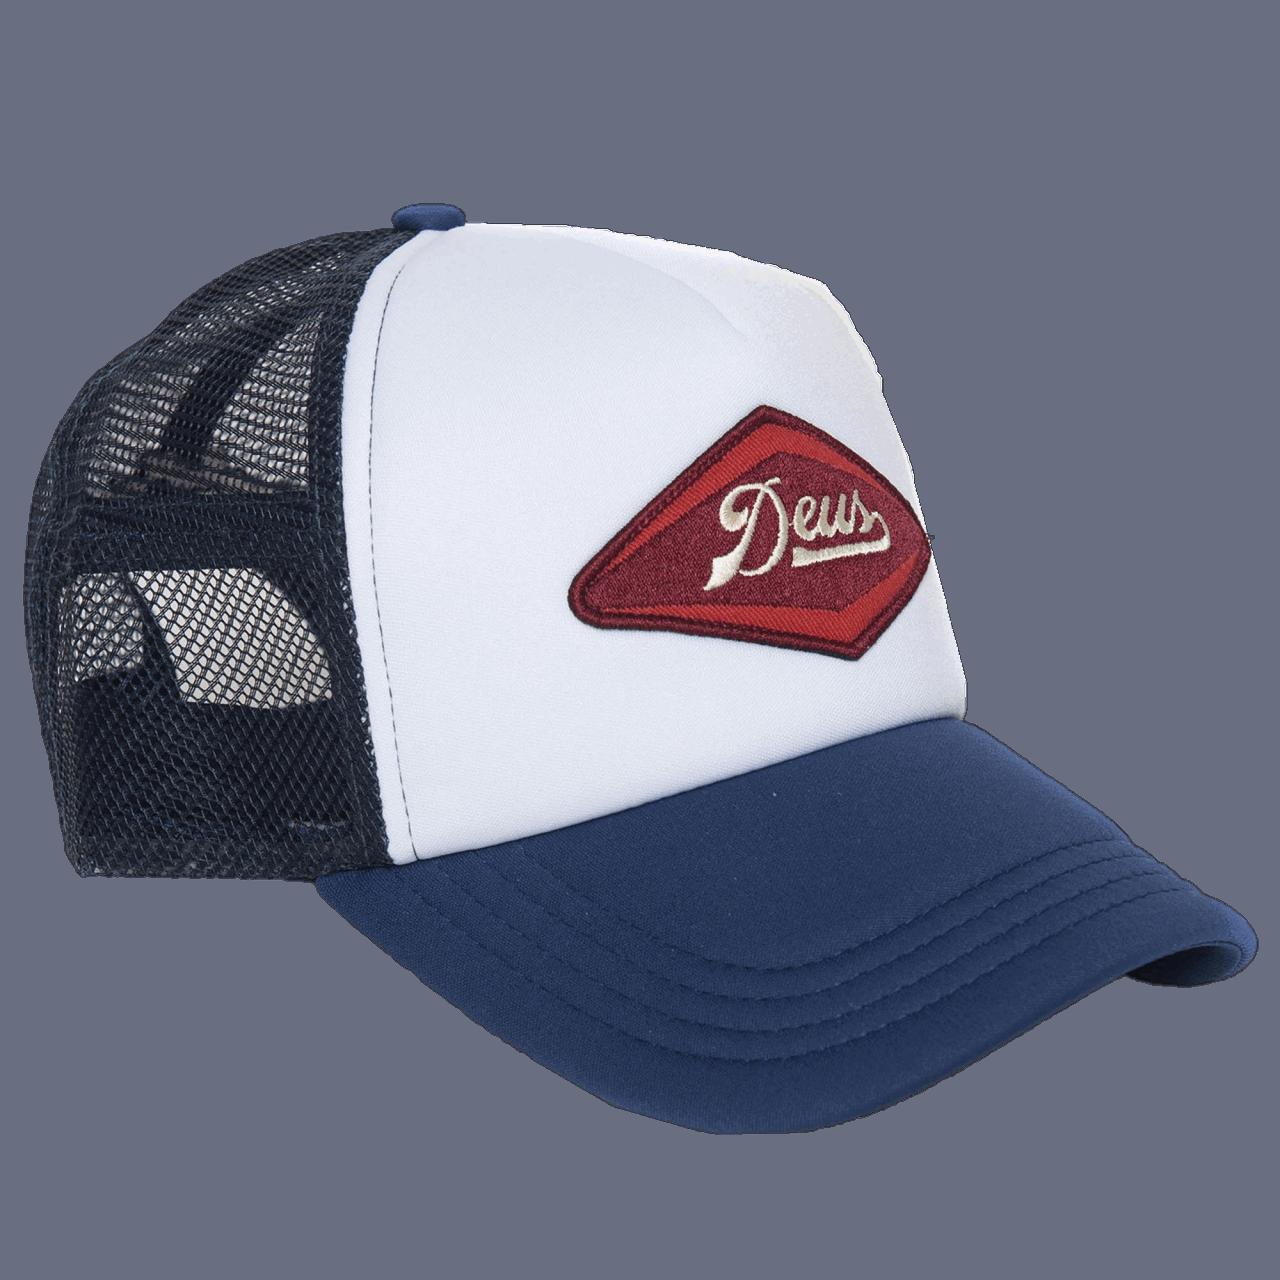 Deus Diamond Trucker - blue / white / red